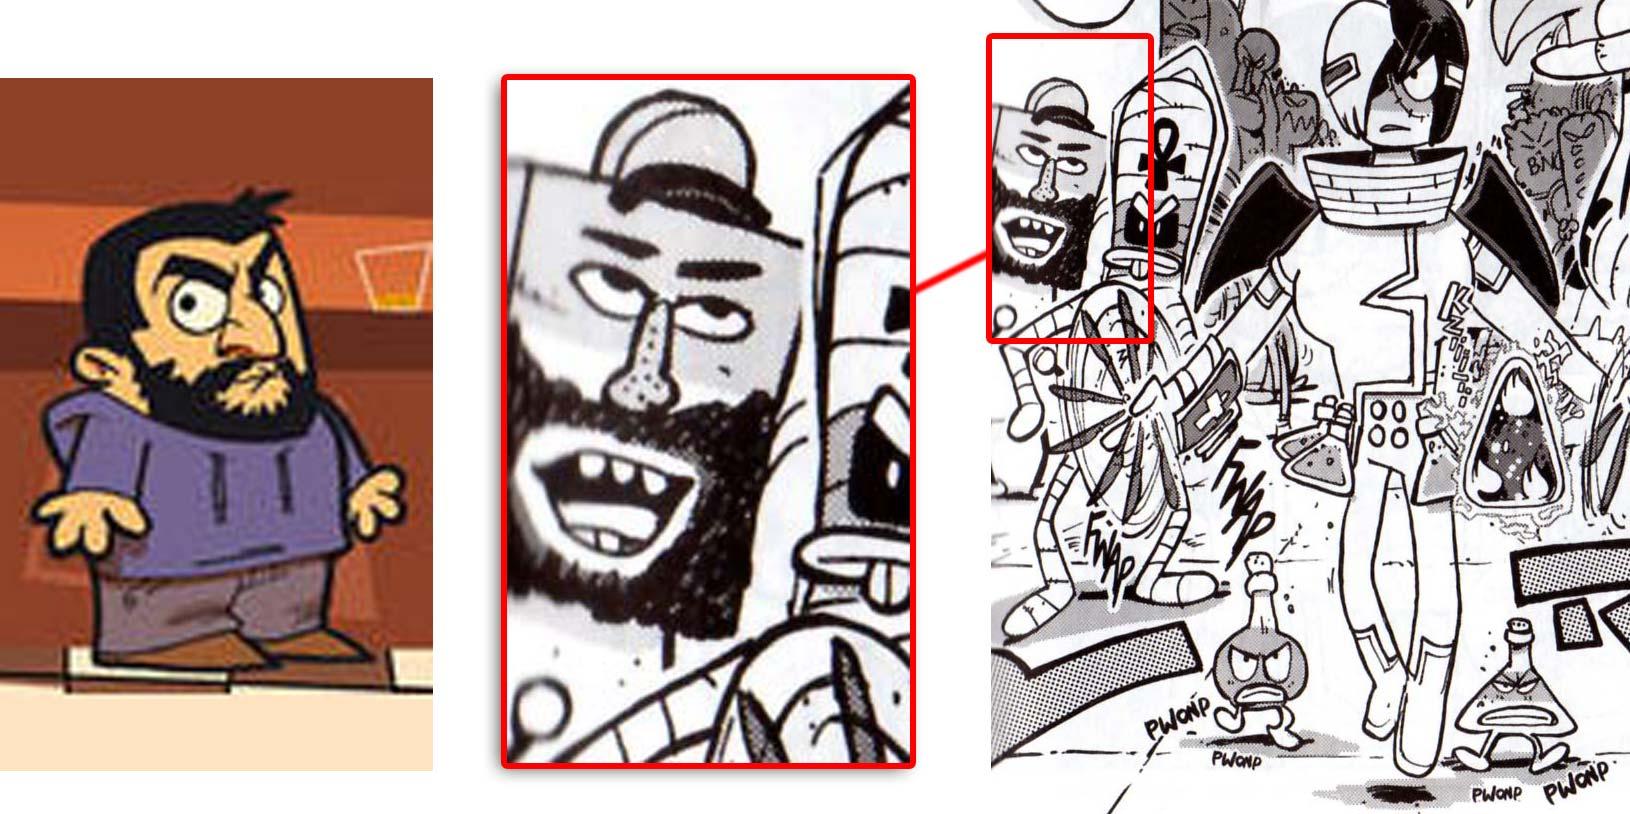 Le personnage à la tête carrée est un clin d'œil à MIG